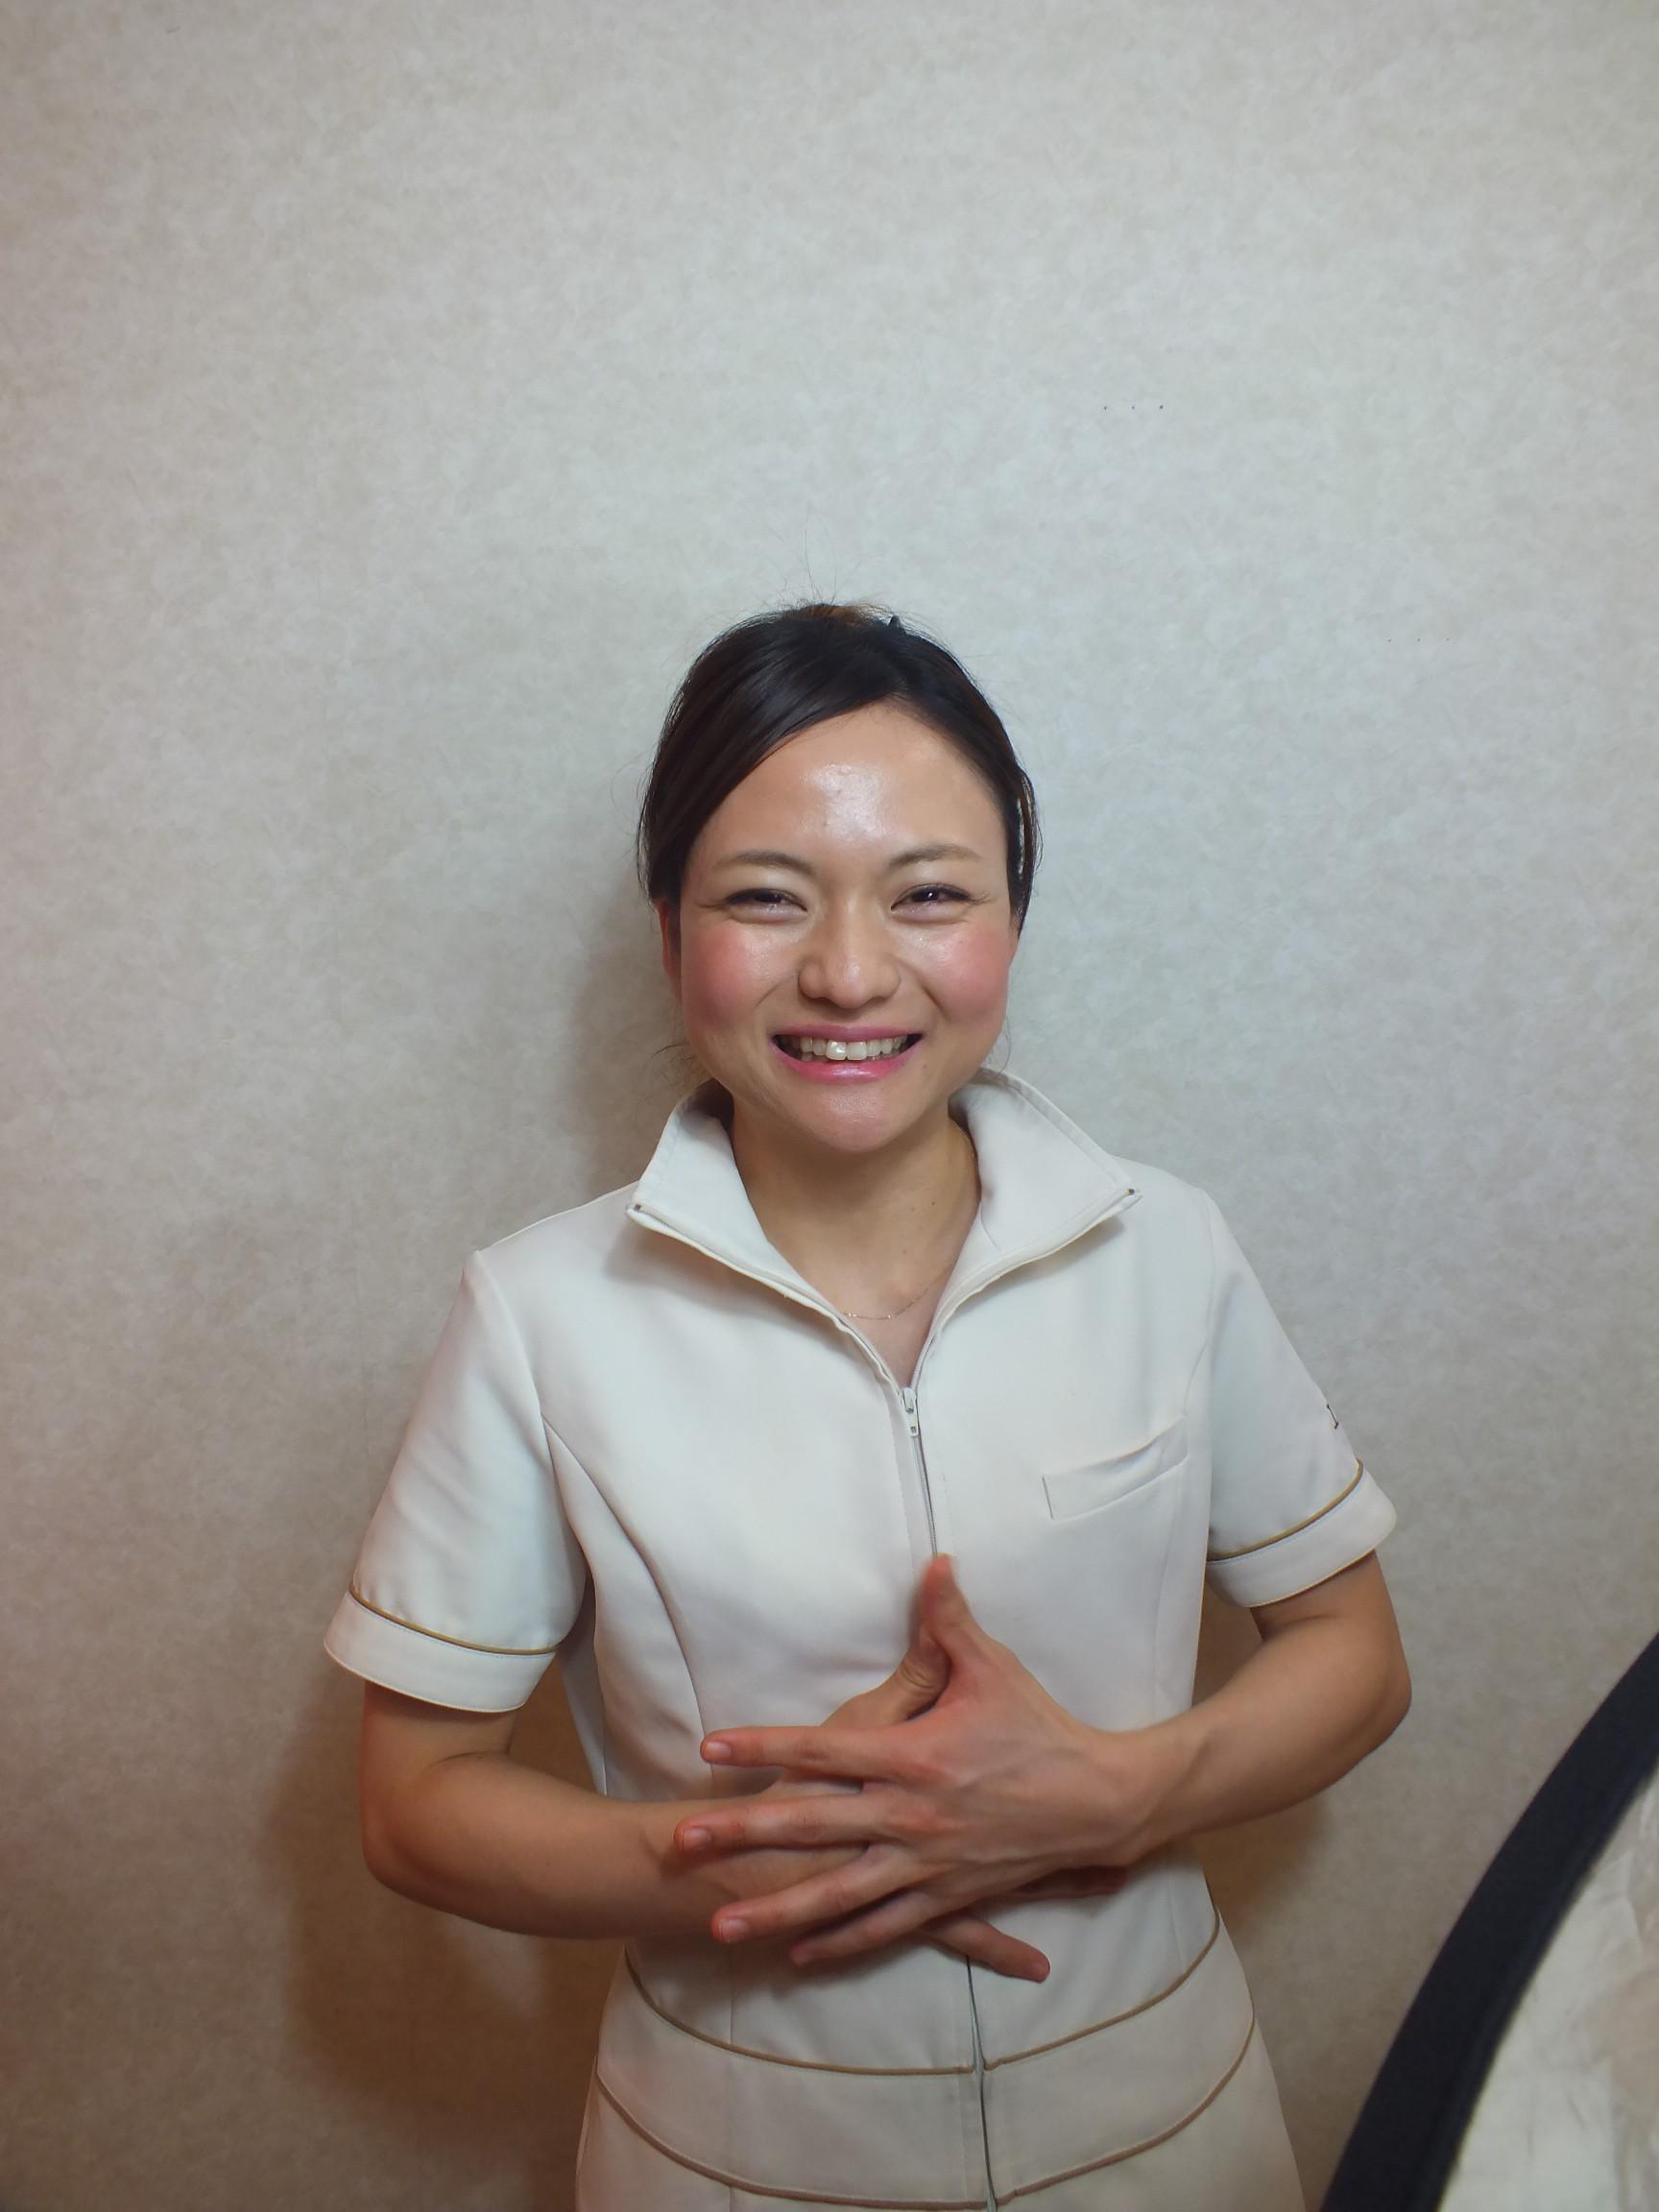 エルセーヌ イオン新潟県央店のアルバイト情報